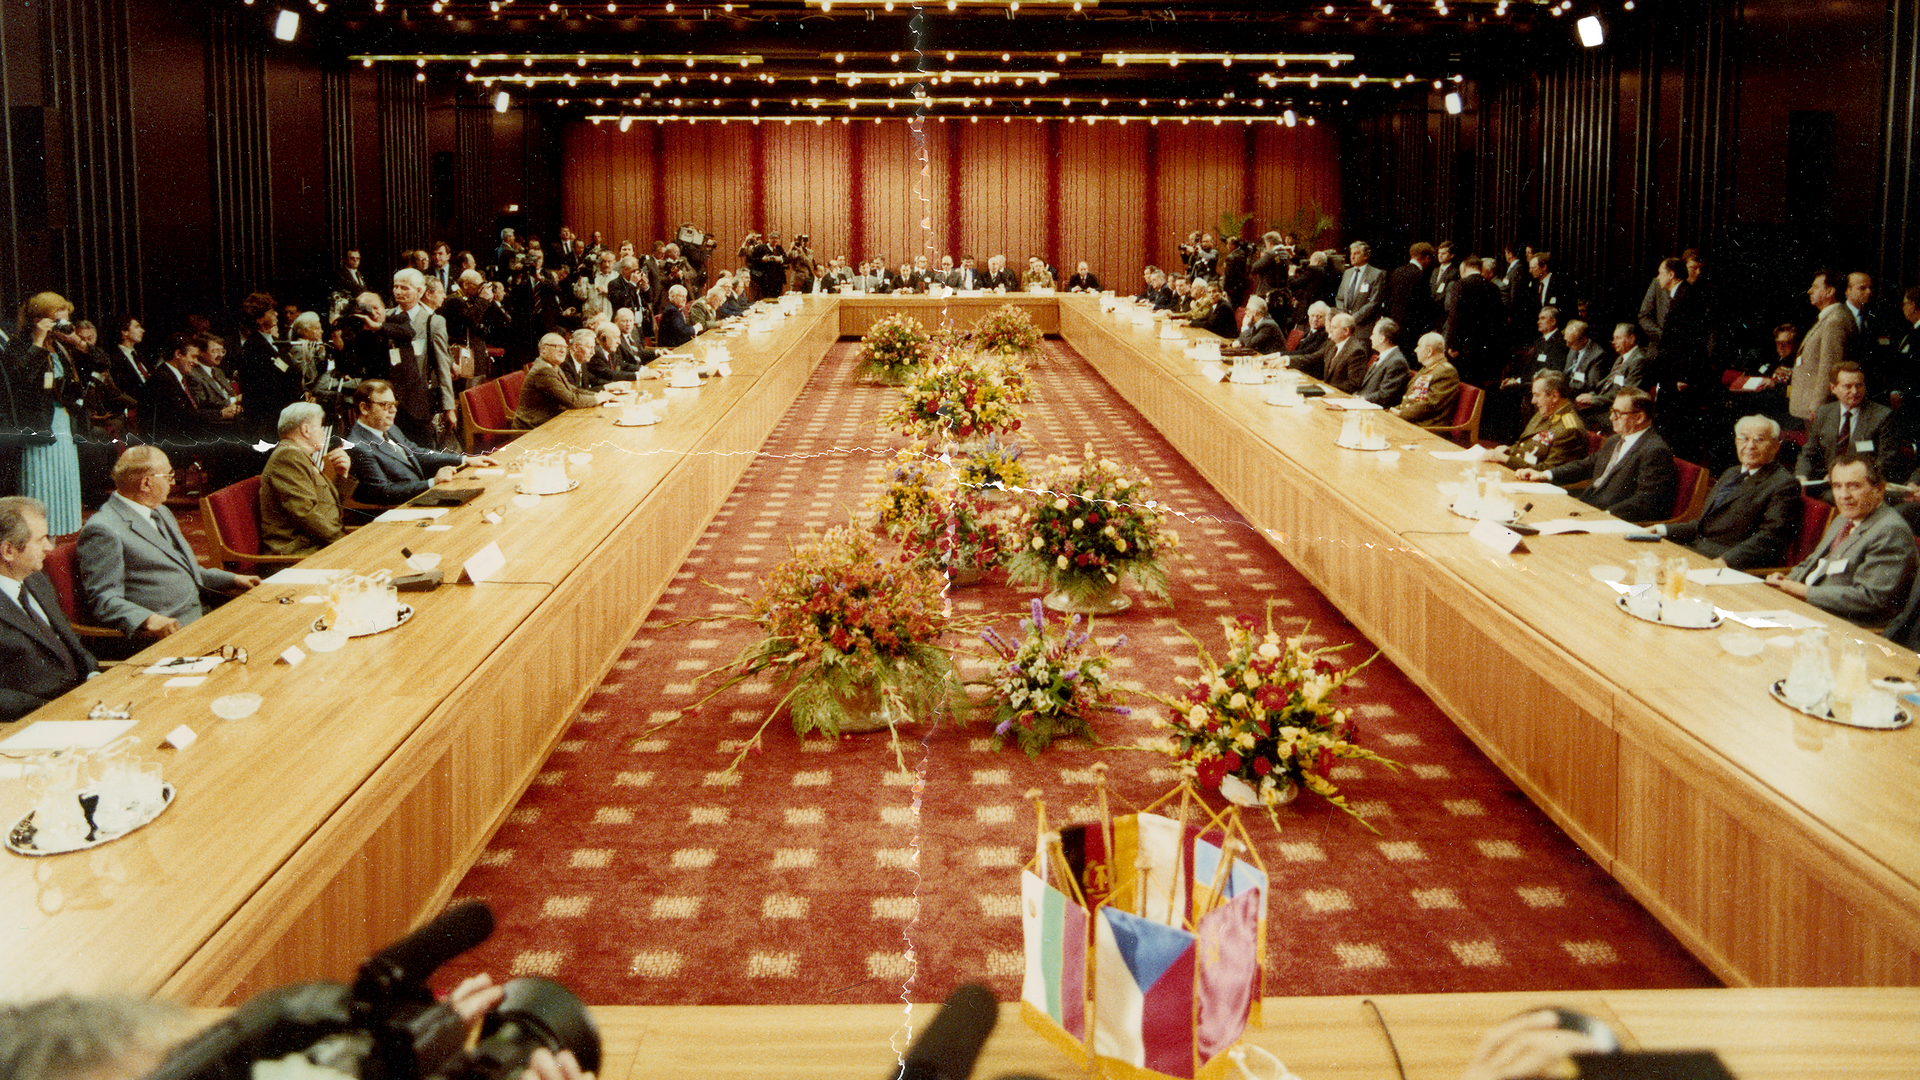 Tagung des politisch beratenden Ausschusses der Warschauer Vertragsorganisation (WVO) im Interhotel Palasthotel in Berlin-Mitte am 28.05.1987